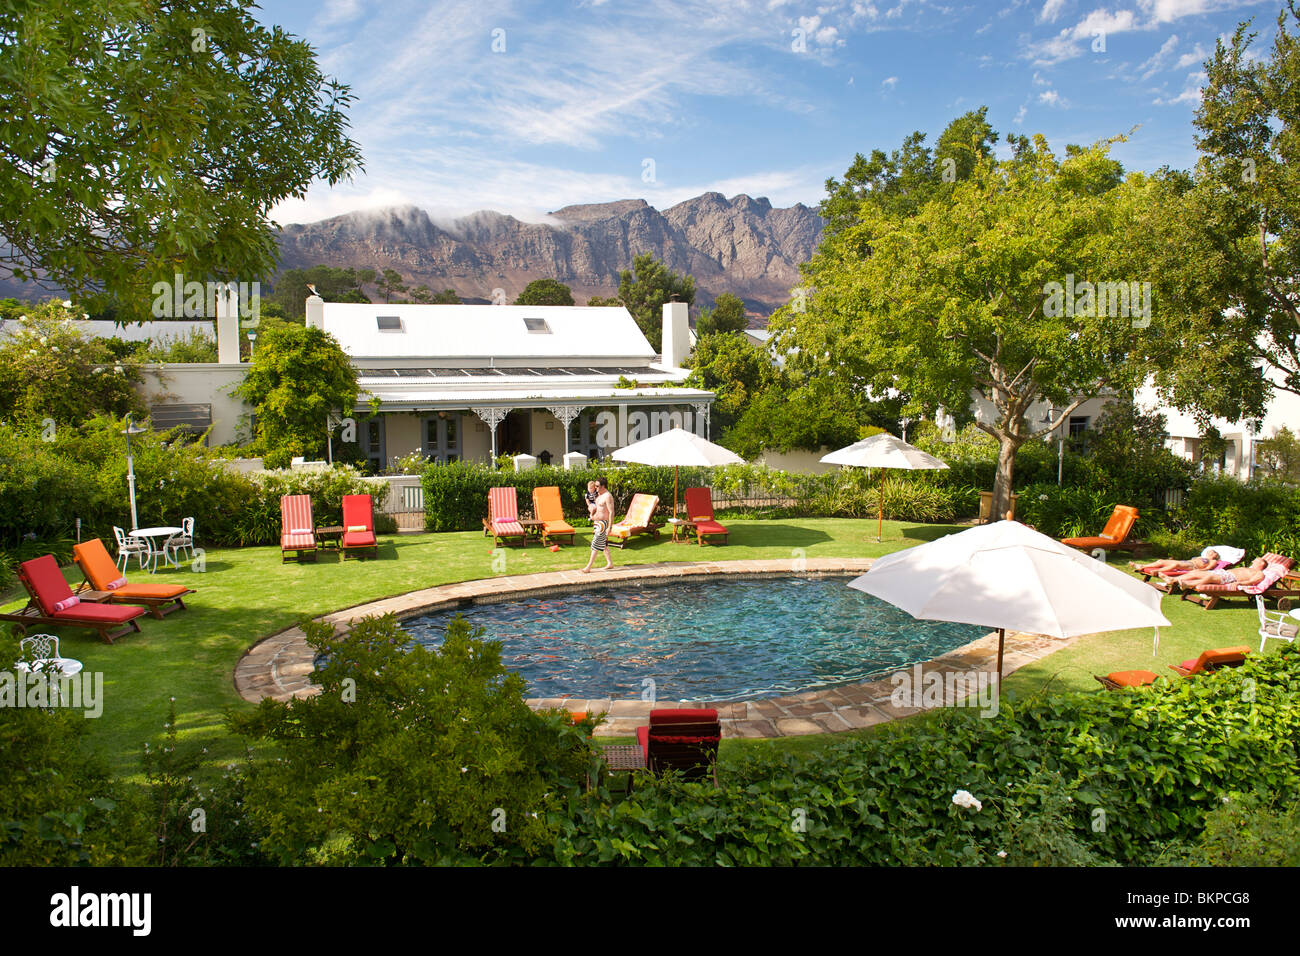 Vue de la piscine de l'hôtel Le Quartier Francais, Franschhoek, Province de Western Cape, Afrique du Sud. Photo Stock